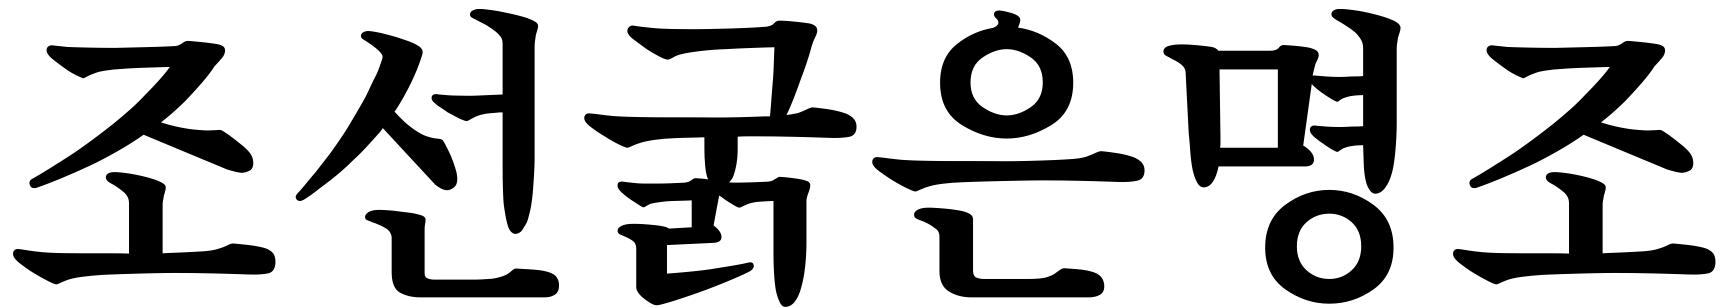 조선굵은명조